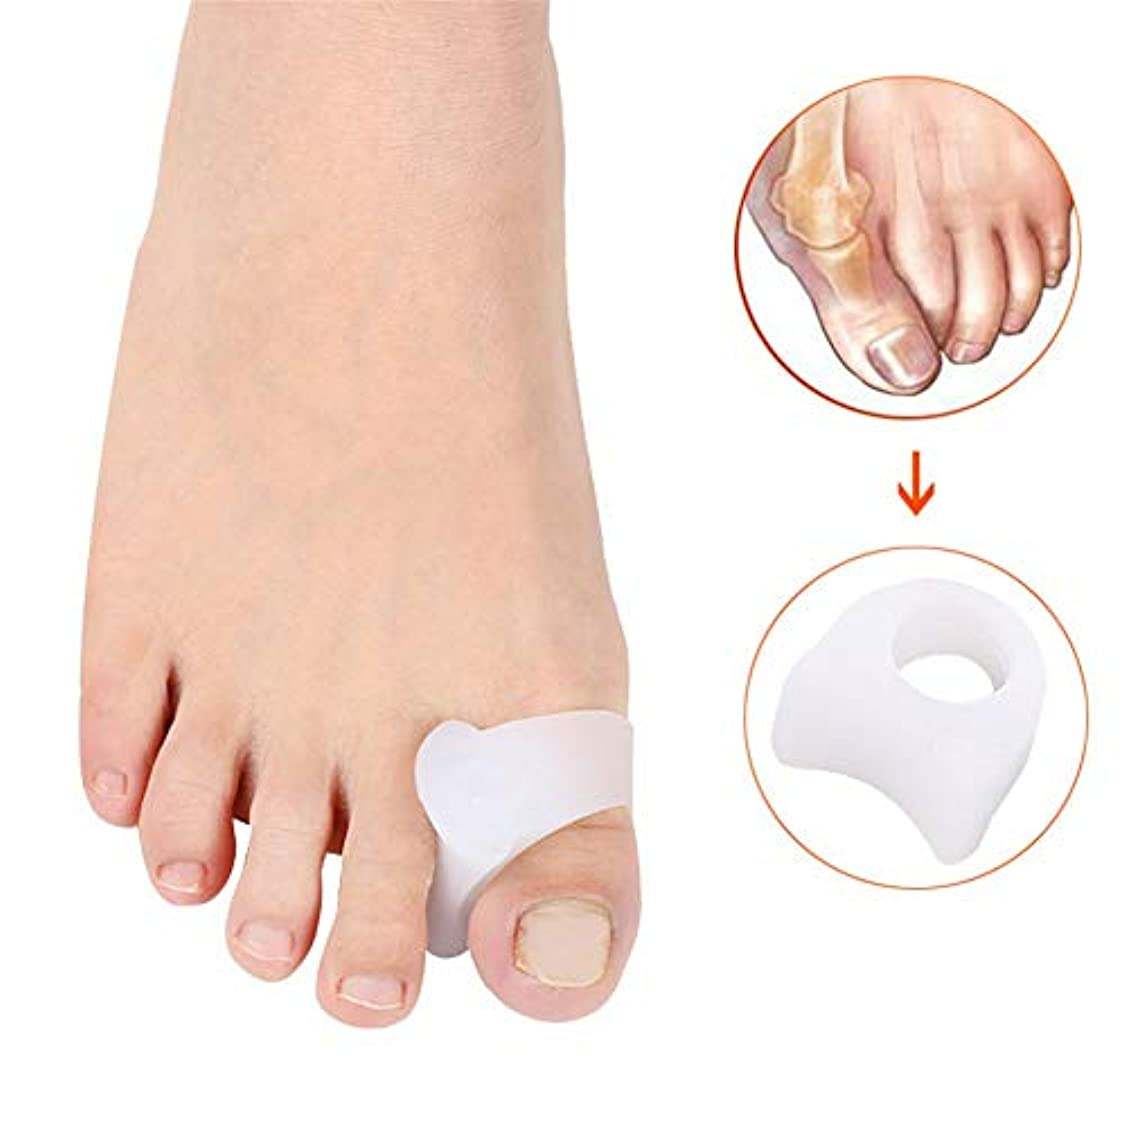 床チョップパース外反母趾のサポート 足のセパレータBunion Correctors Gel Toe SpacersハヌーValgusハンマートウオーバーラップトゥー 足の内側の痛みや腱膜を和らげる (サイズ : L)